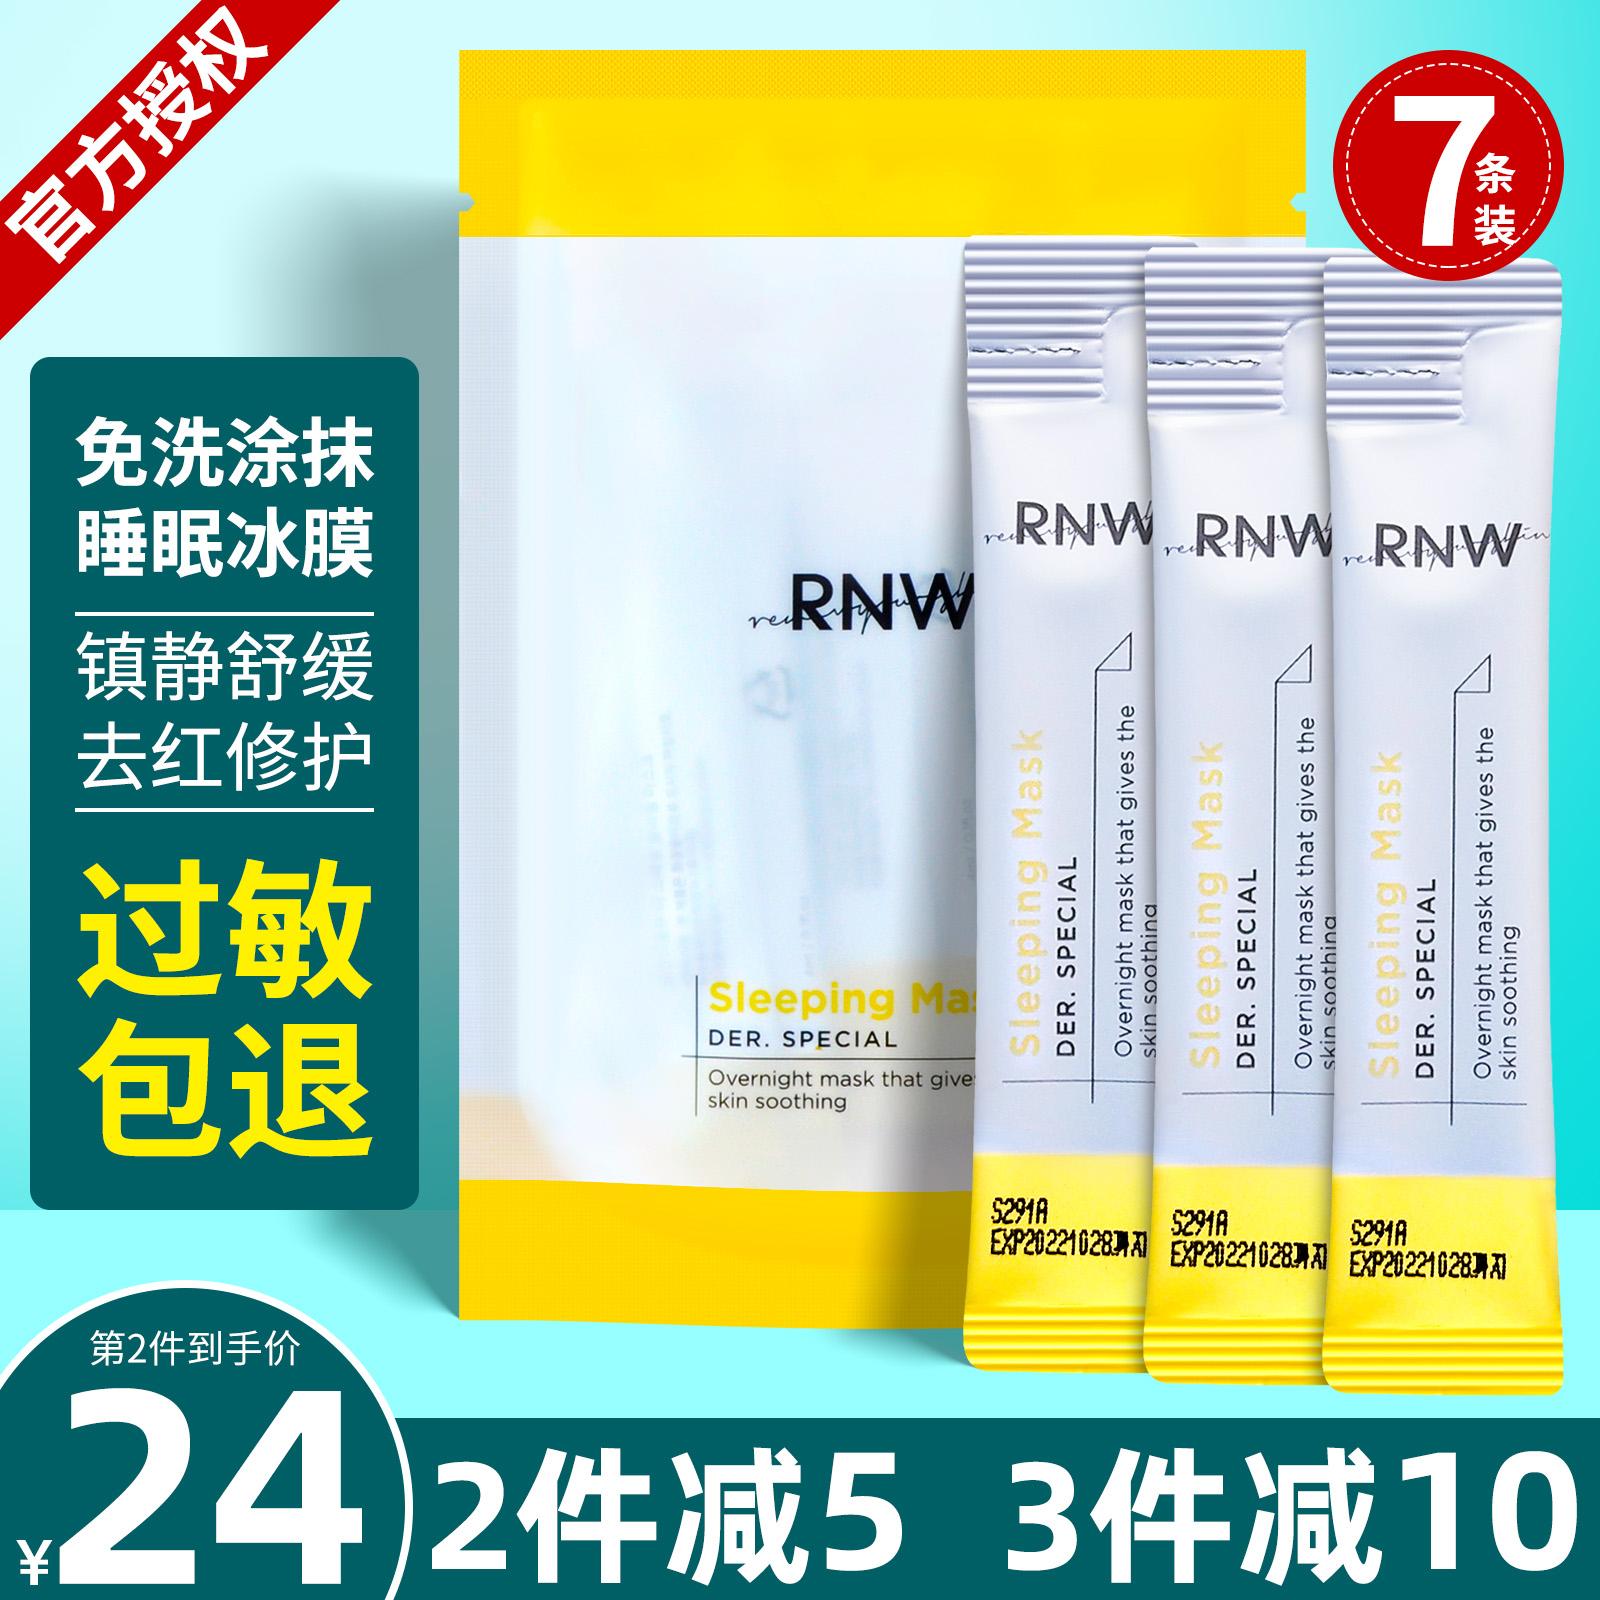 韩国RNW睡眠面膜免洗冰膜涂抹式面膜补水保湿舒缓修护夜间精华7支